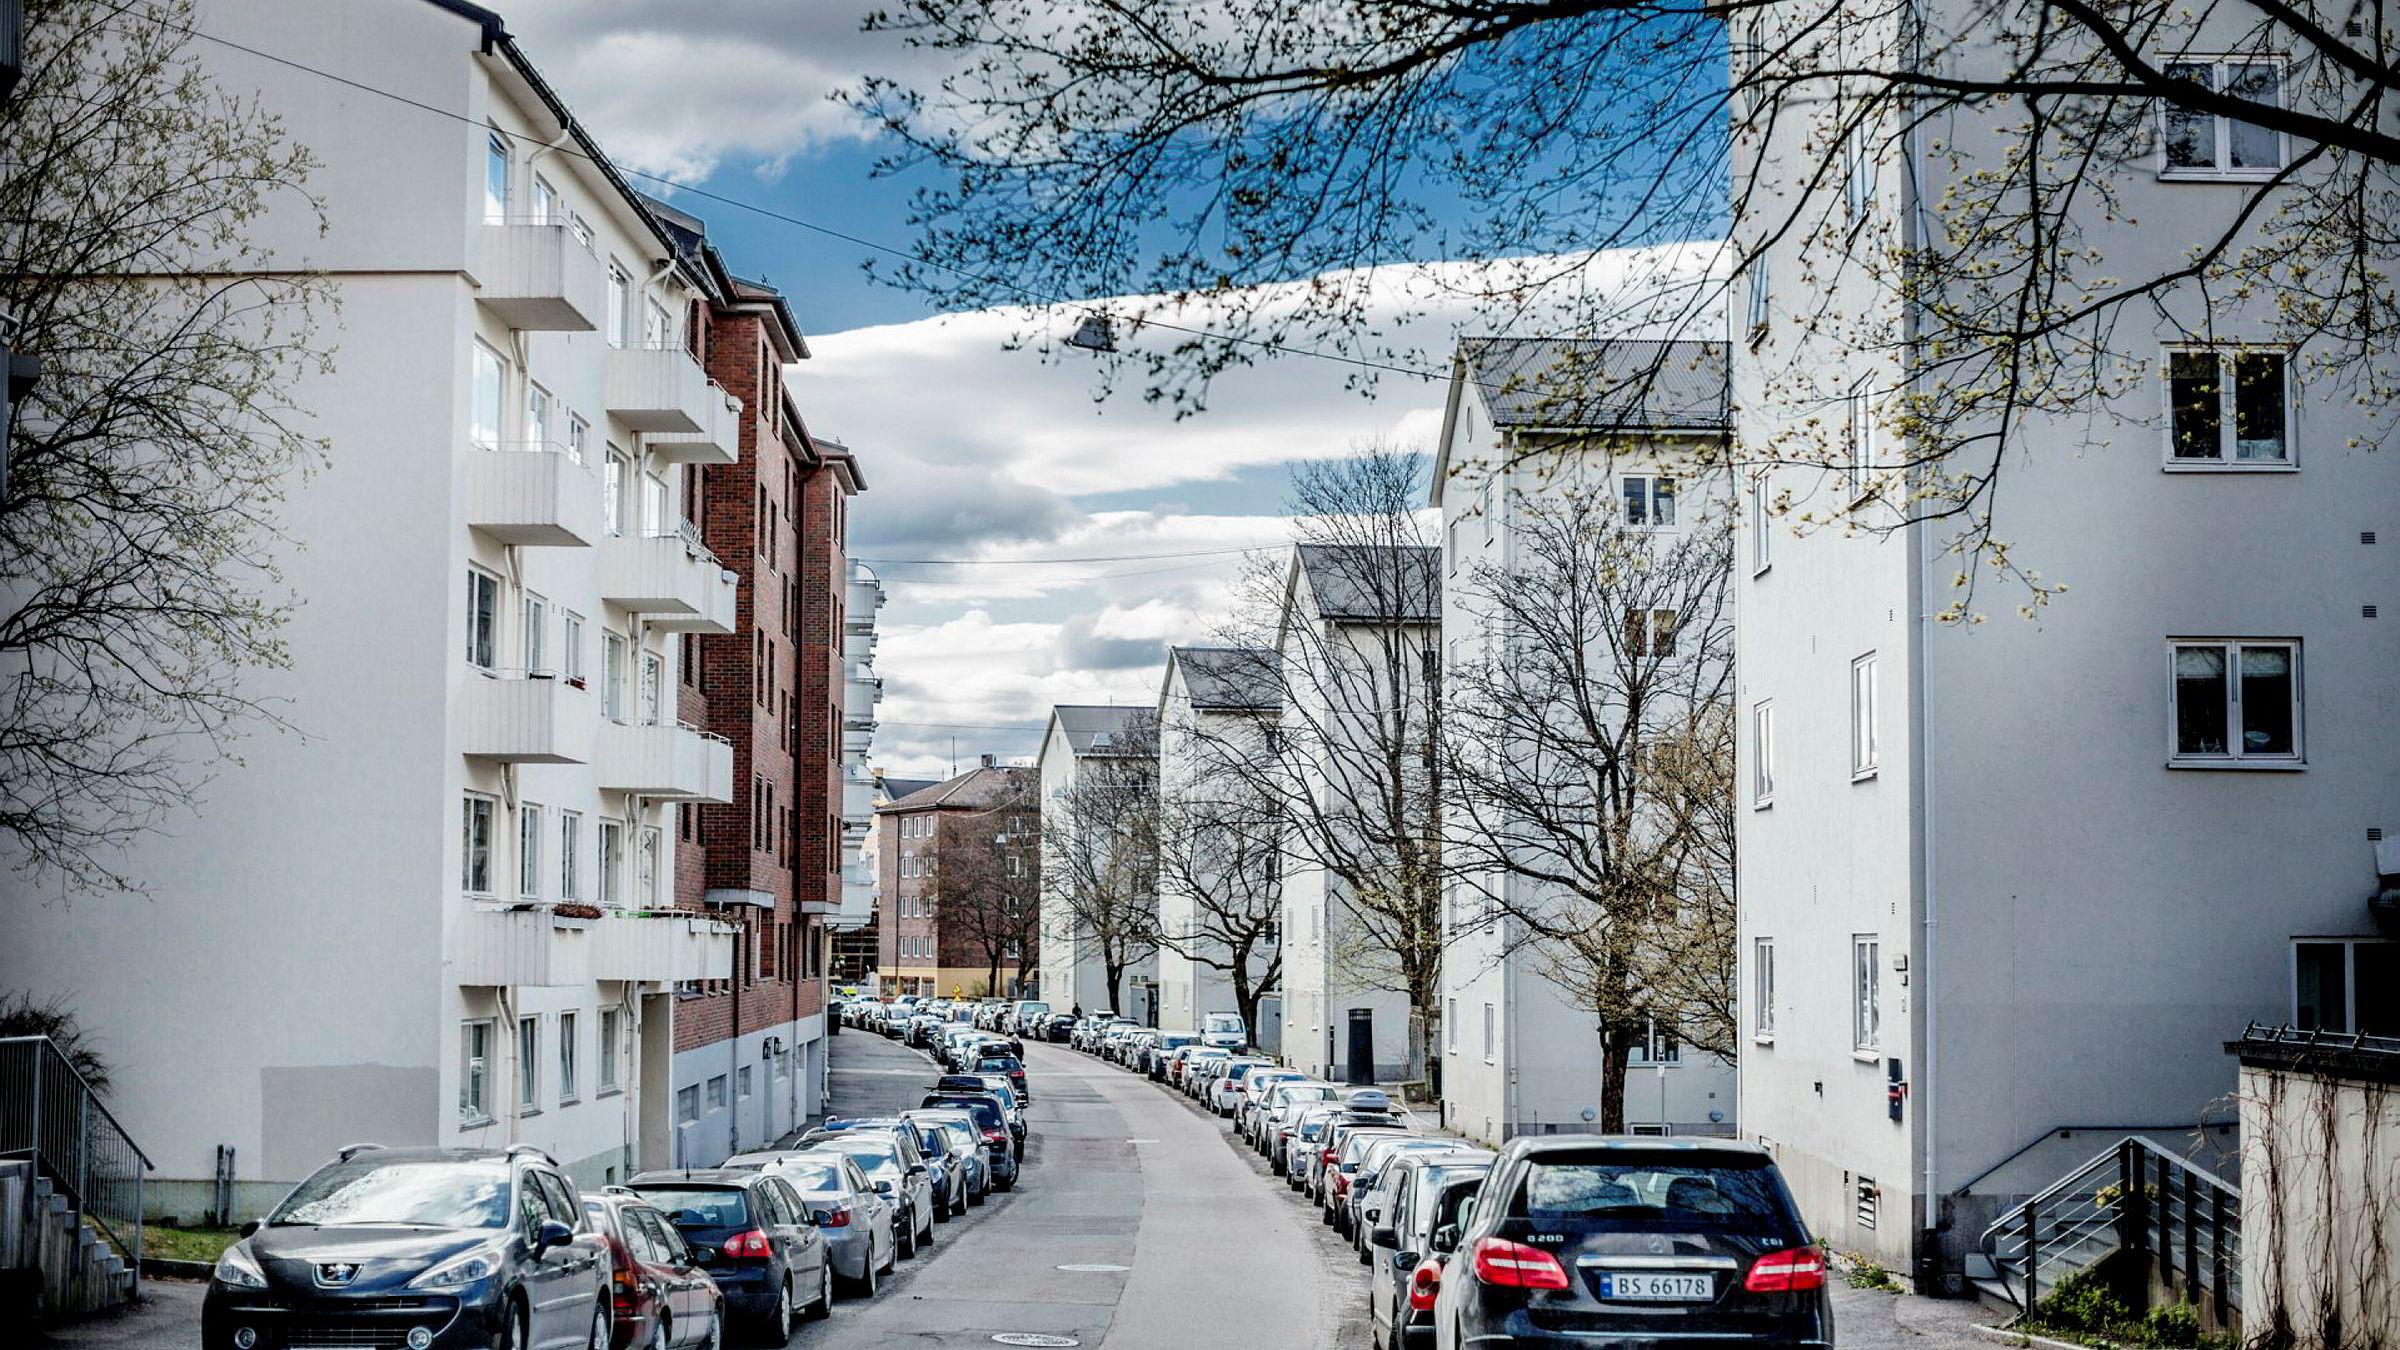 – Rapporten for Oslo viser at oppgangen fortsetter i hovedstaden med jevn vekst rundt 4 prosent i alle bydeler i første kvartal, sier kommunikasjonssjef Erik Lundesgaard i Eiendom Norge.